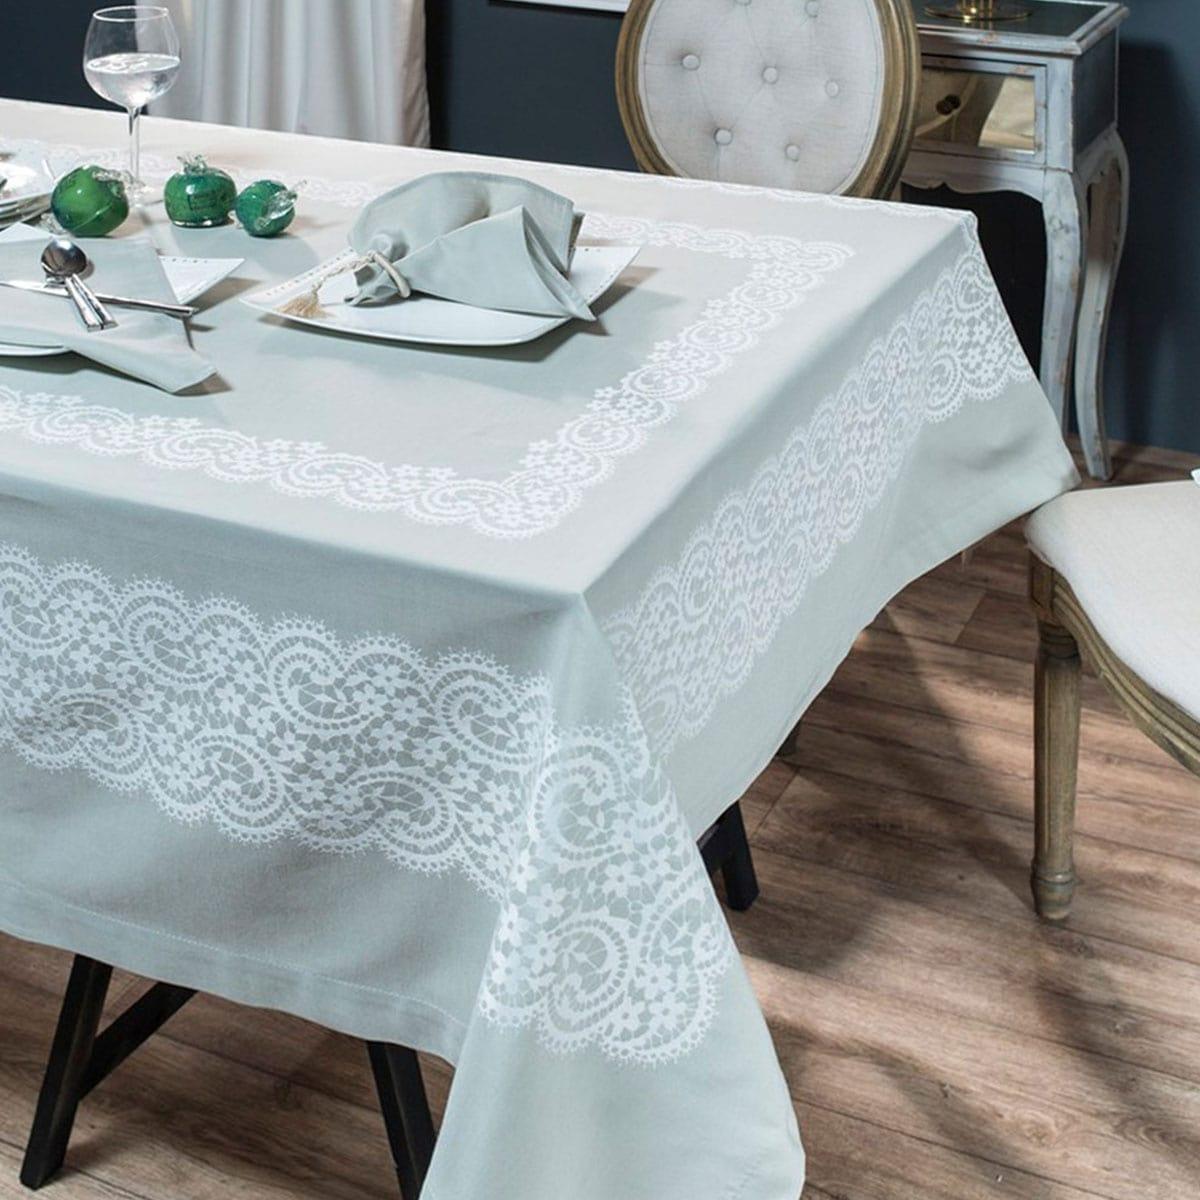 Πετσέτες Φαγητού Dantelle Σετ 4τμχ 13 Mint Teoran 43x43cm